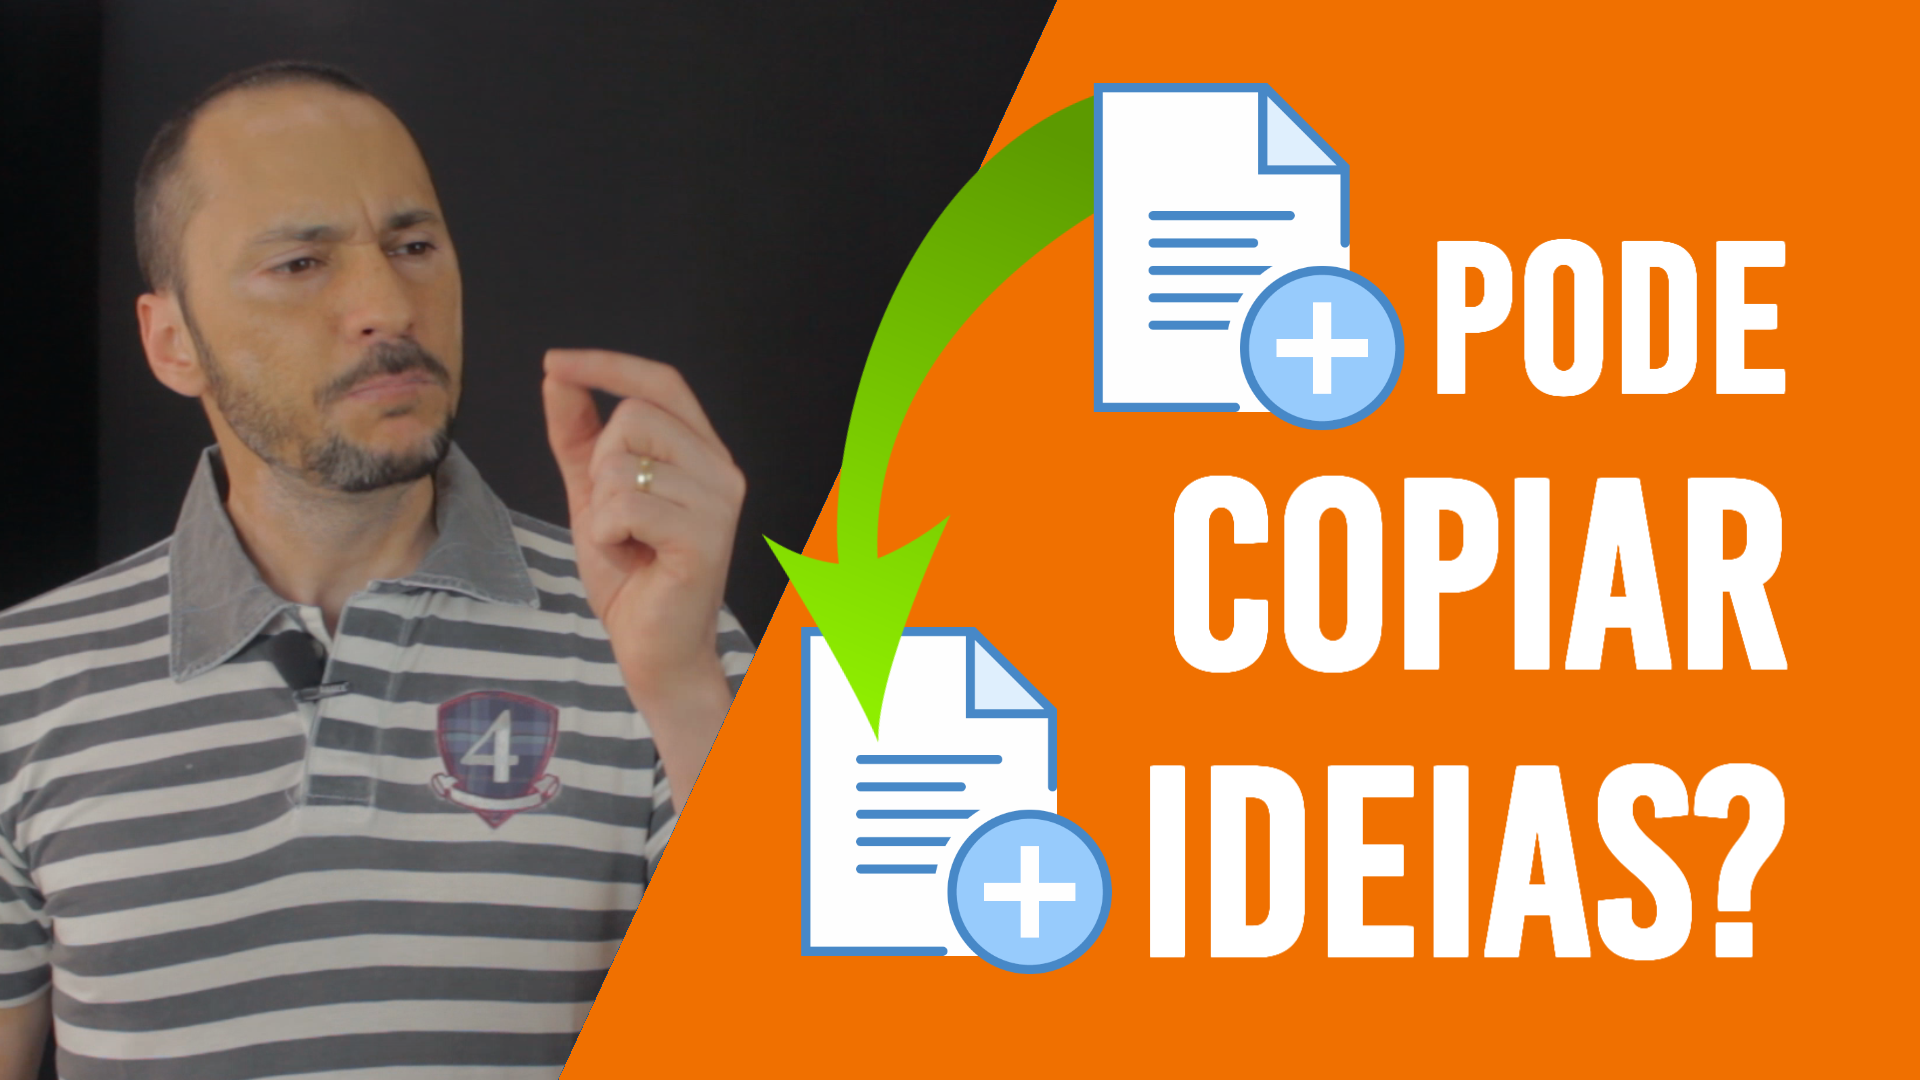 Podemos Copiar Ideias De Outros Blogs E Sites